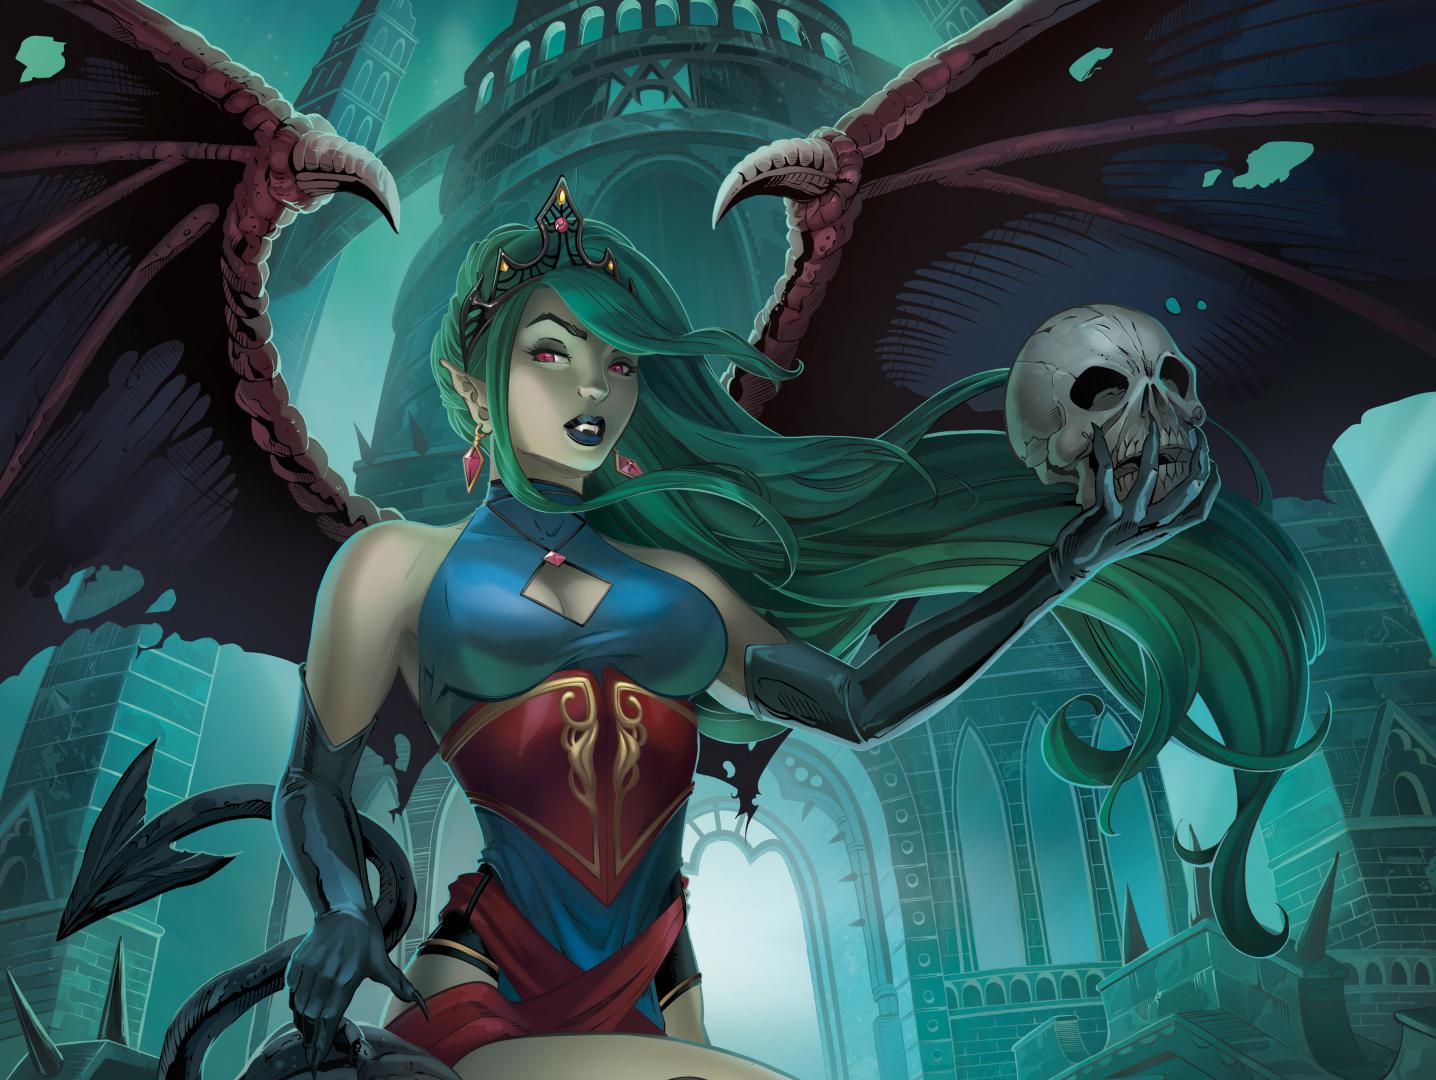 Девушка вампир с зелеными волосами и крыльями с черепом в руках, картинки фэнтези обои, 4960 на 3728 пикселей